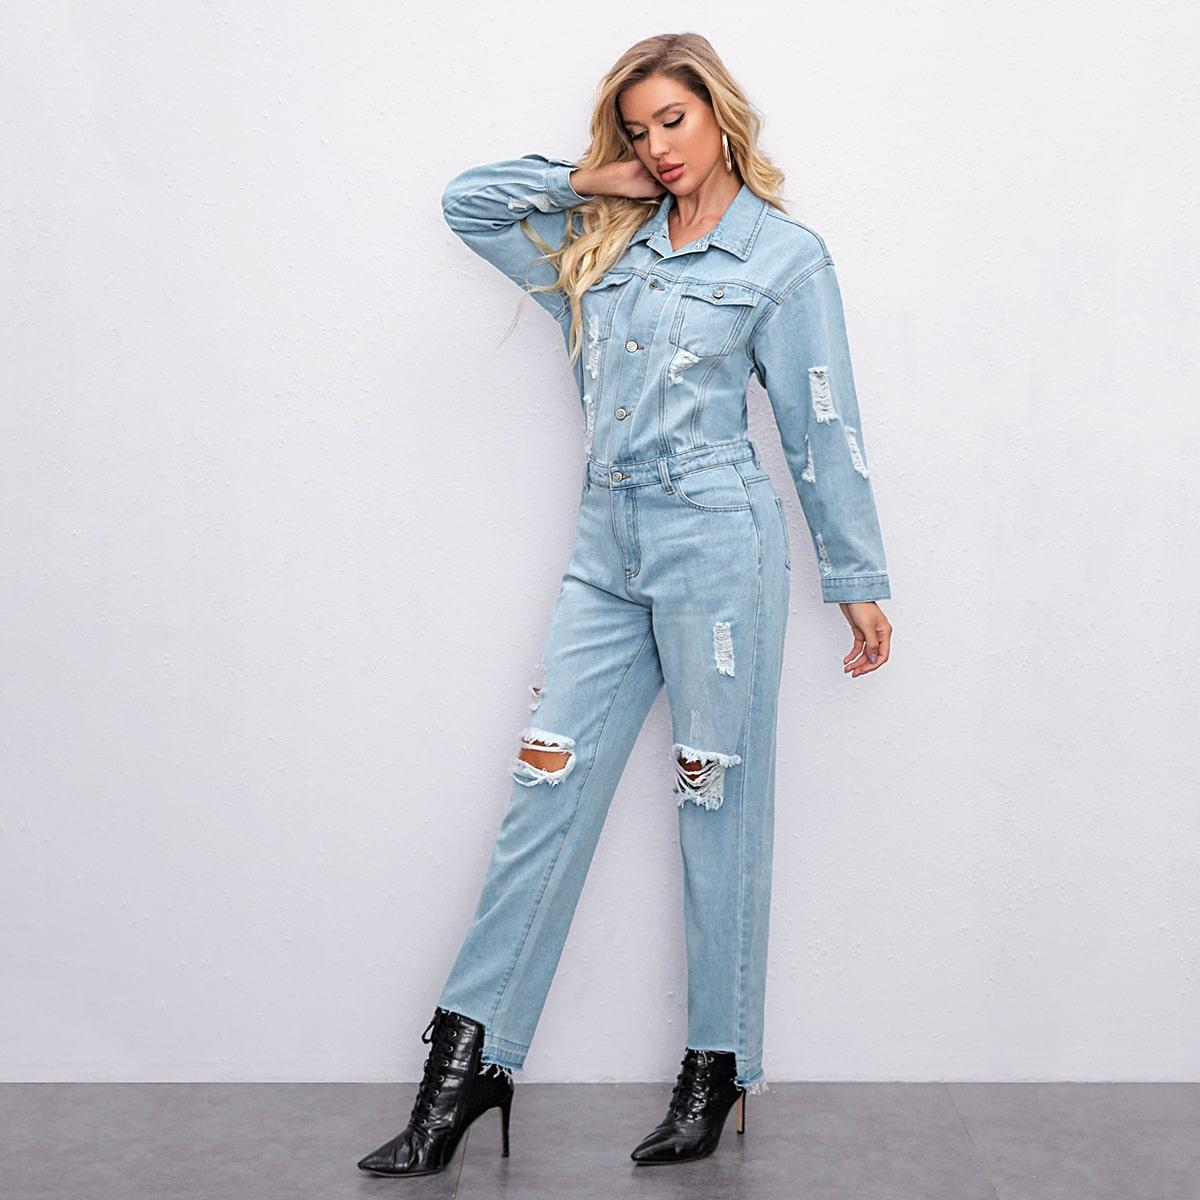 Рваный джинсовый комбинезон с пуговицами